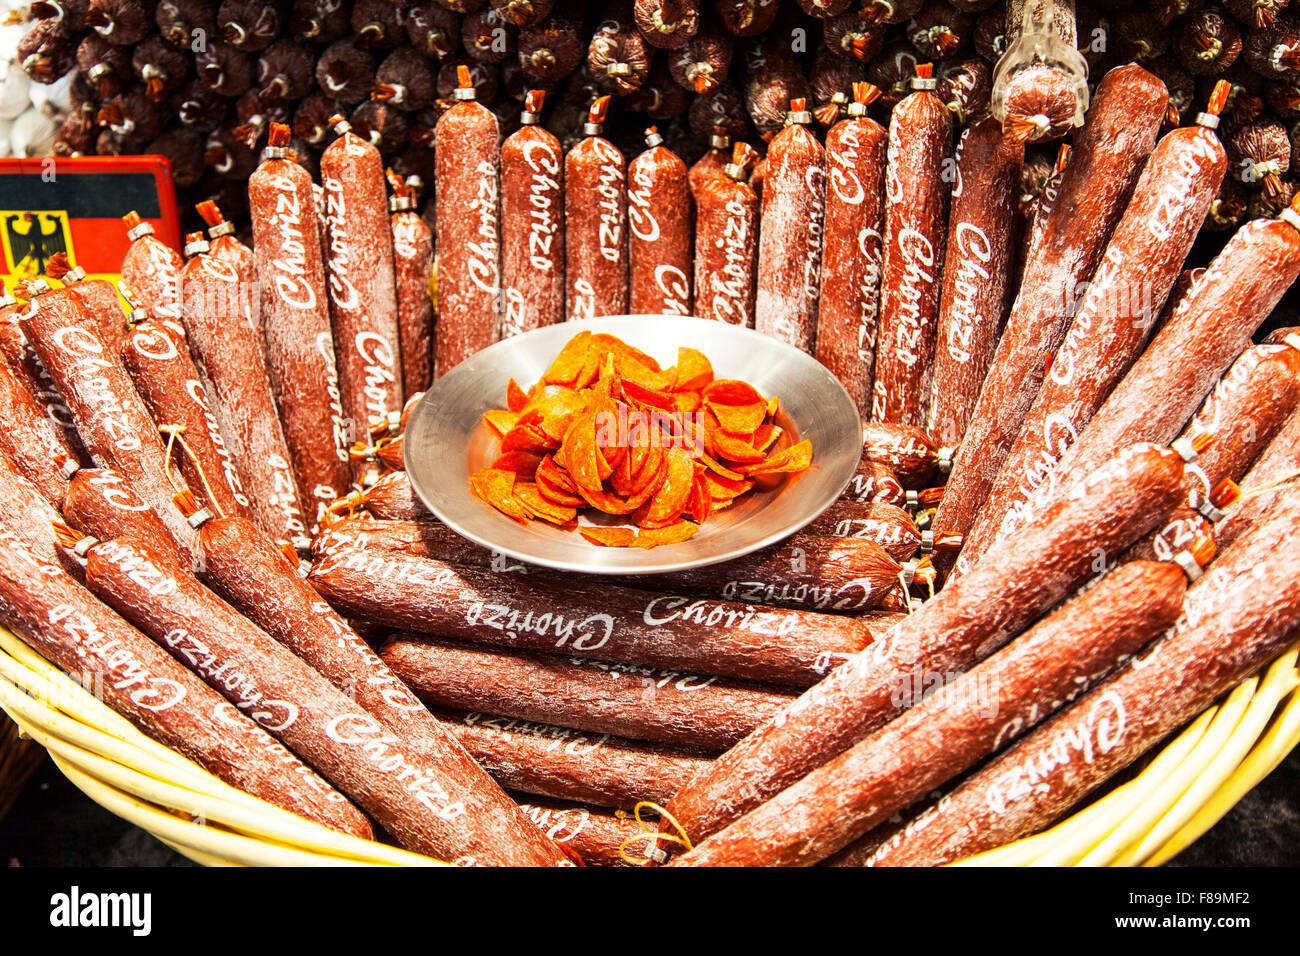 Chorizo Wurst spanische Paprikawurst Fleisch Salami gewürzt fleischigen Snack Vorspeise Feinkost Display ungesunde Stockfoto